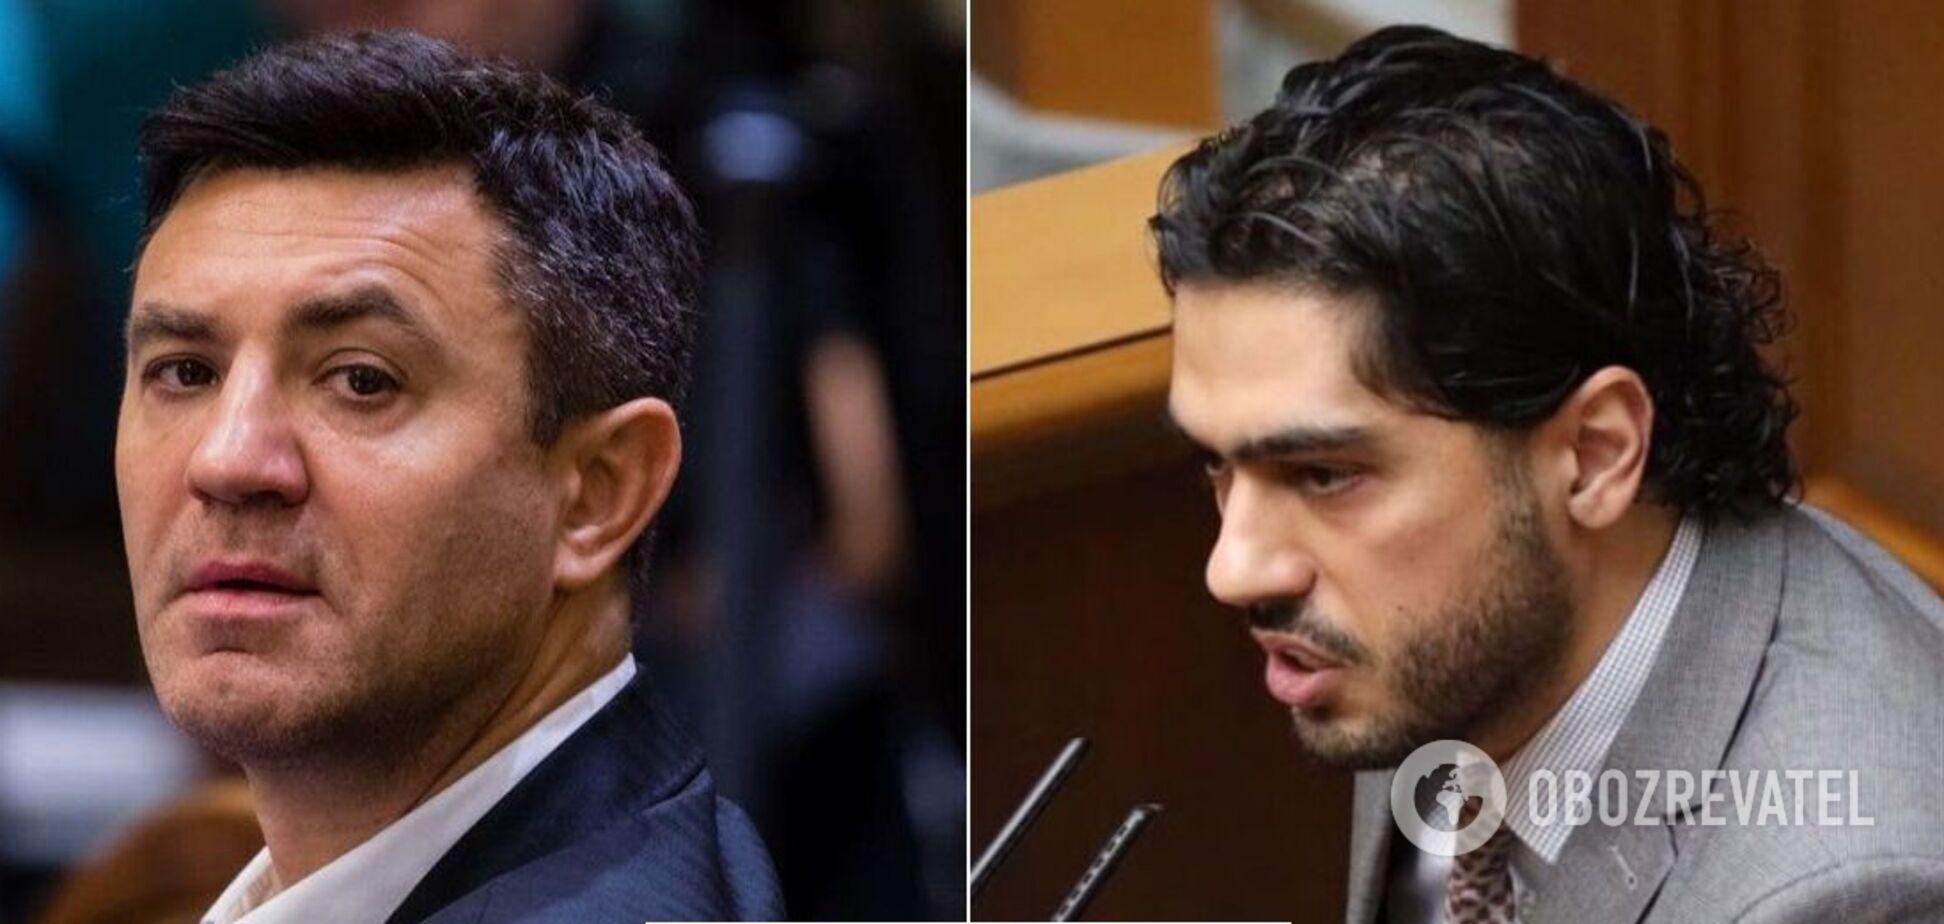 Лерос обвинил Тищенко и Ко в подготовке покушения на него: его в ответ назвали 'предателем'